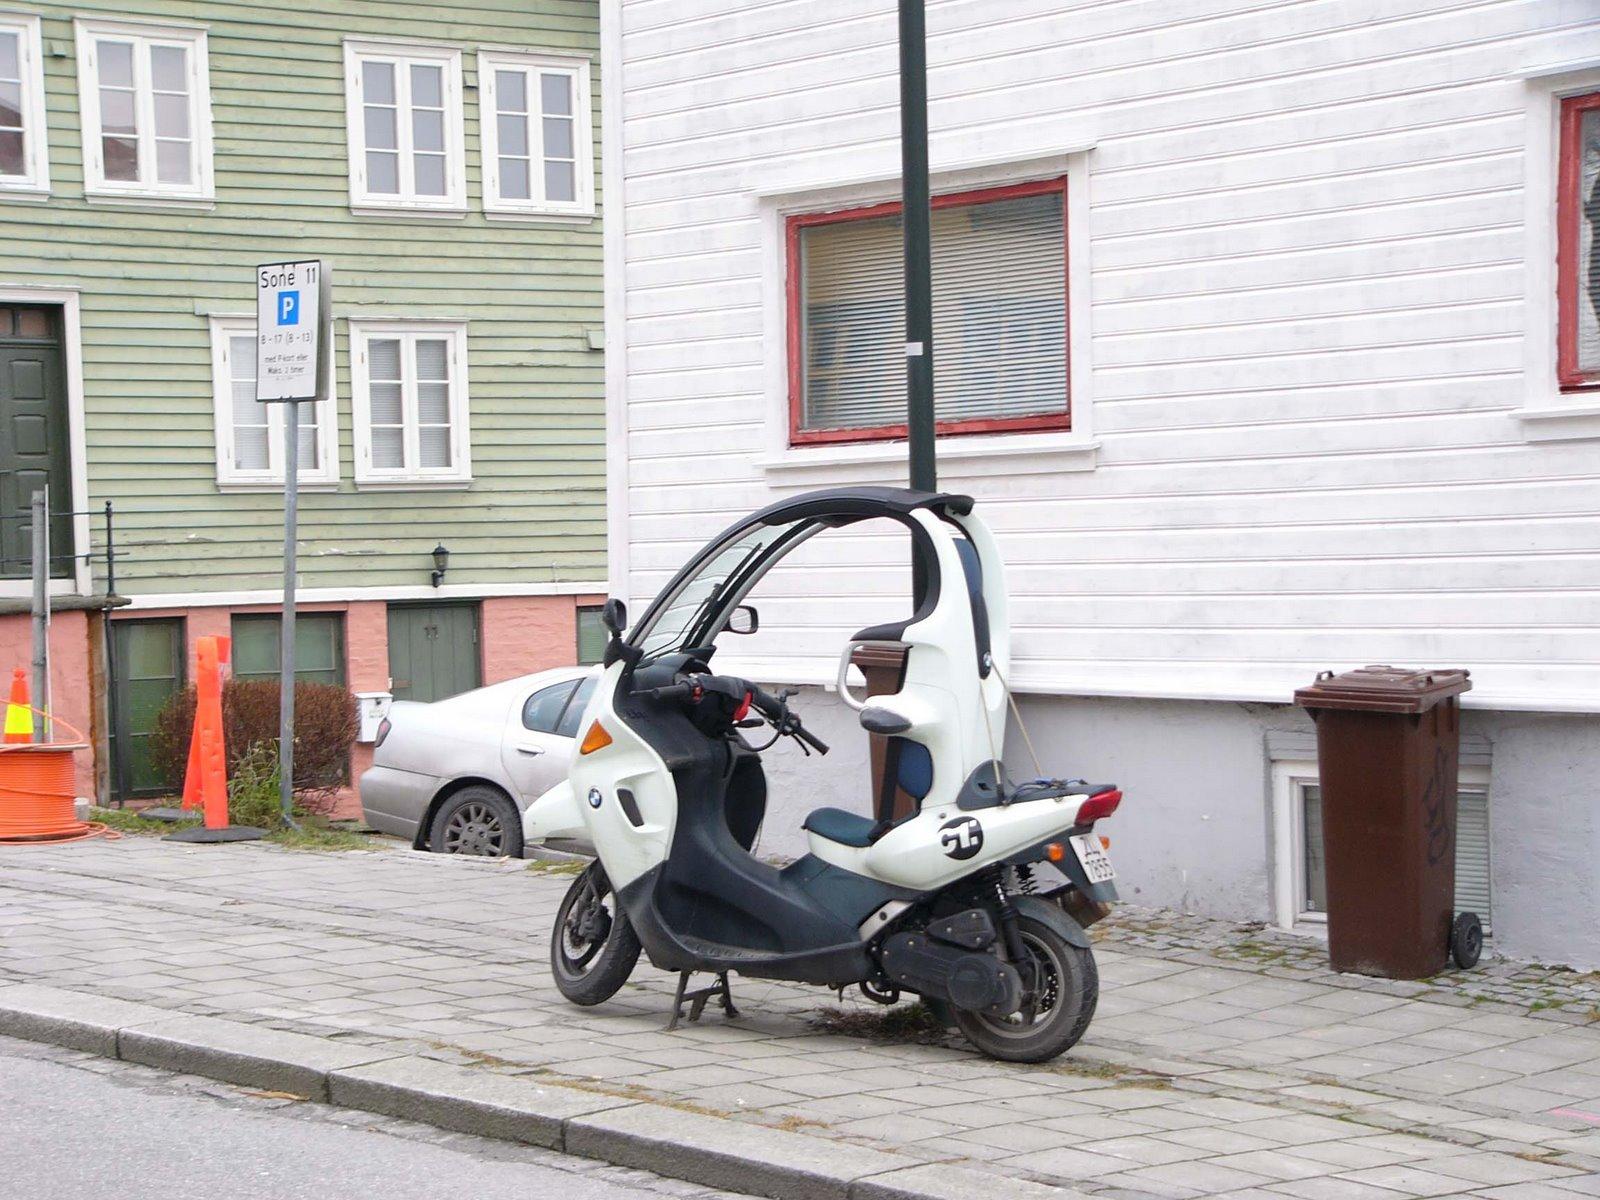 bmw 125cc scooter. Black Bedroom Furniture Sets. Home Design Ideas